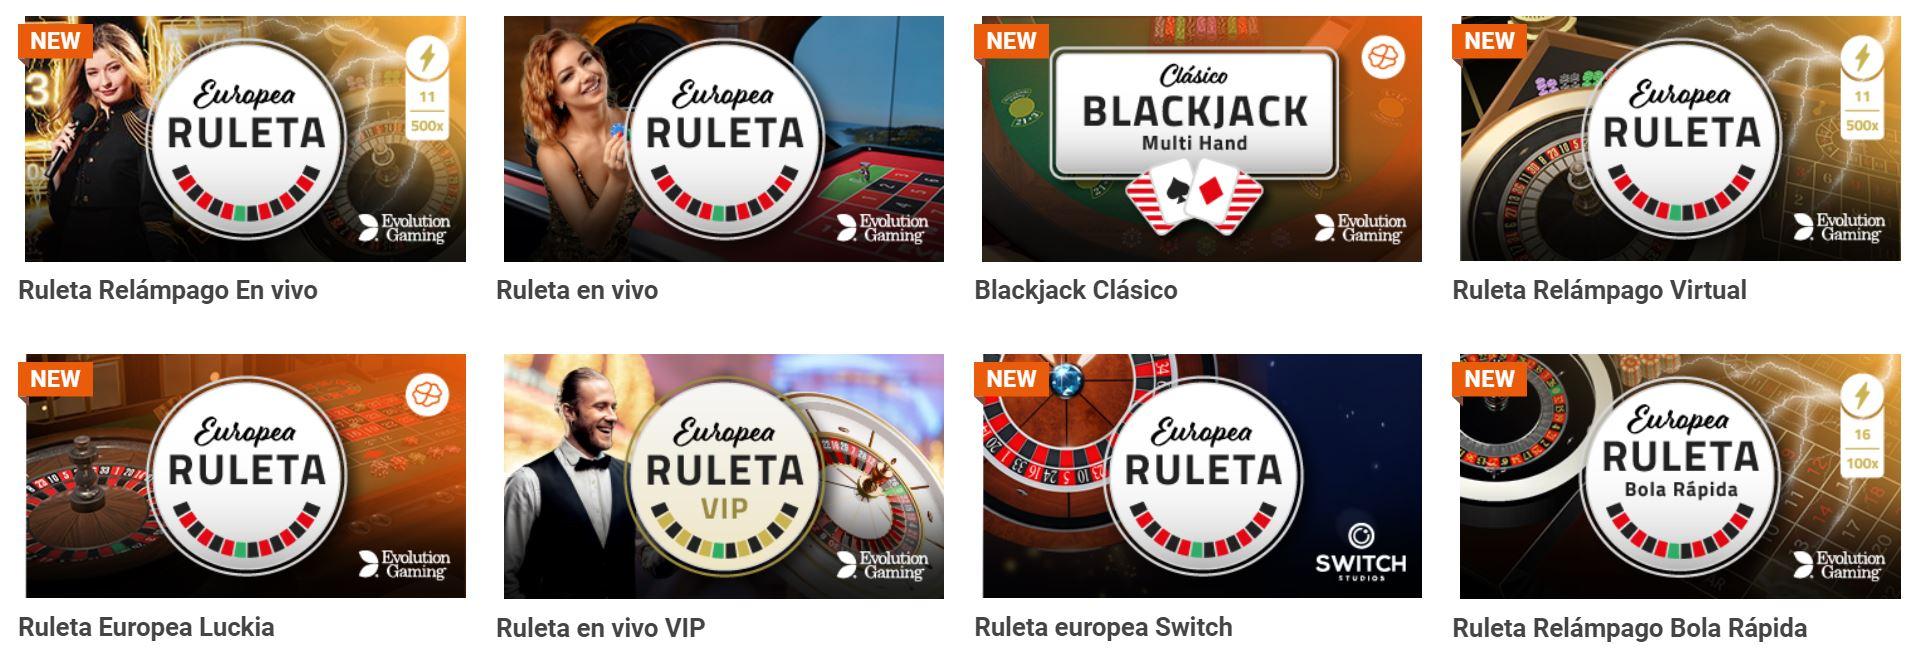 La ruleta y el poker son los juegos estrellas de casino online bolivia.